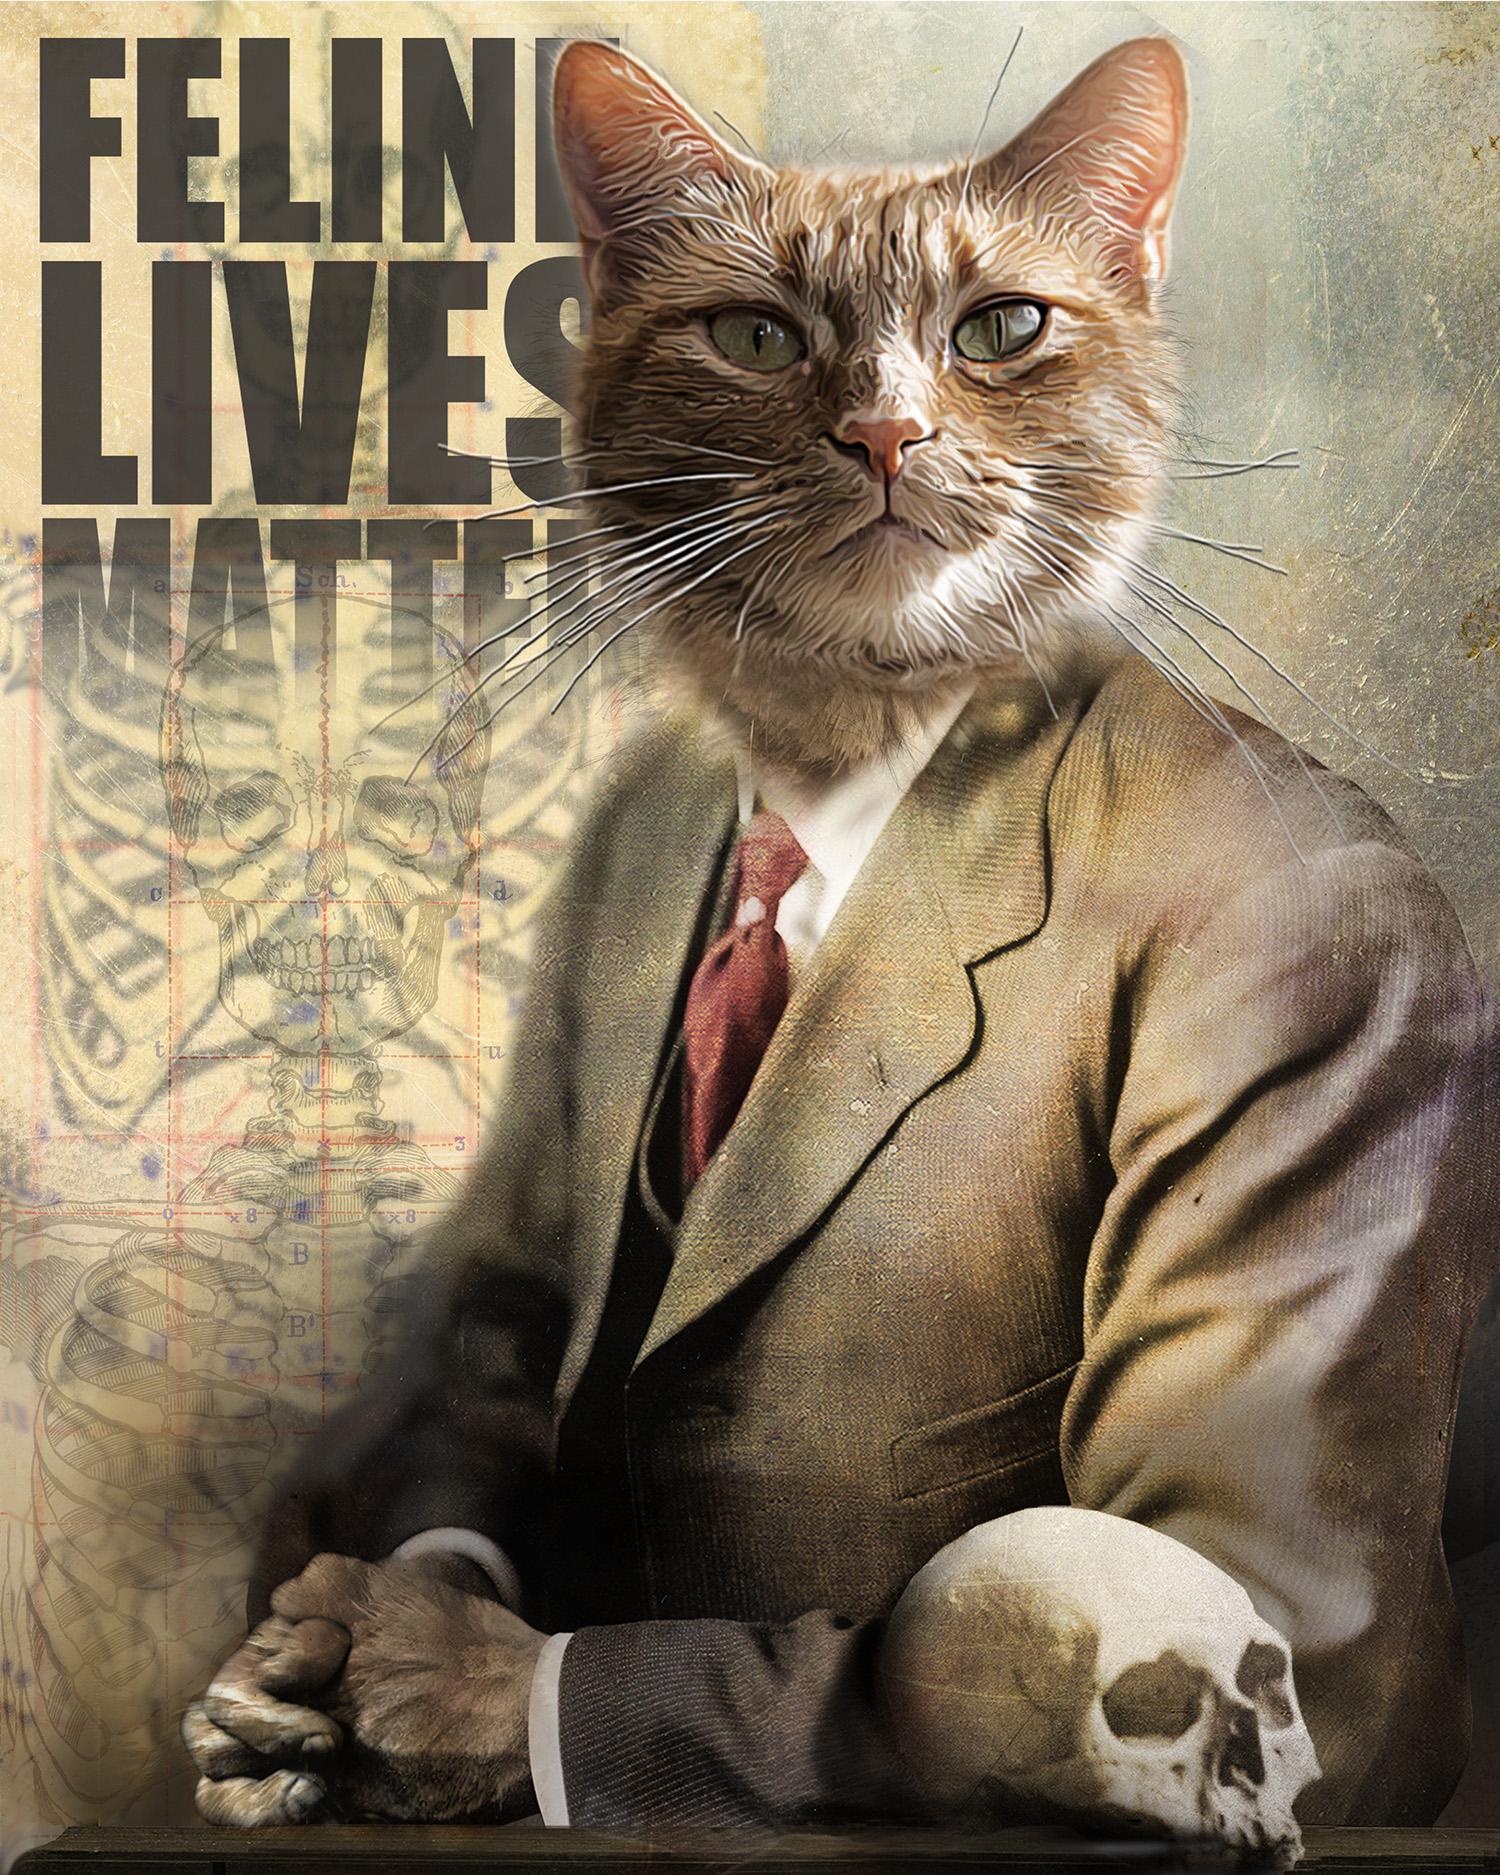 Feline Lives Matter